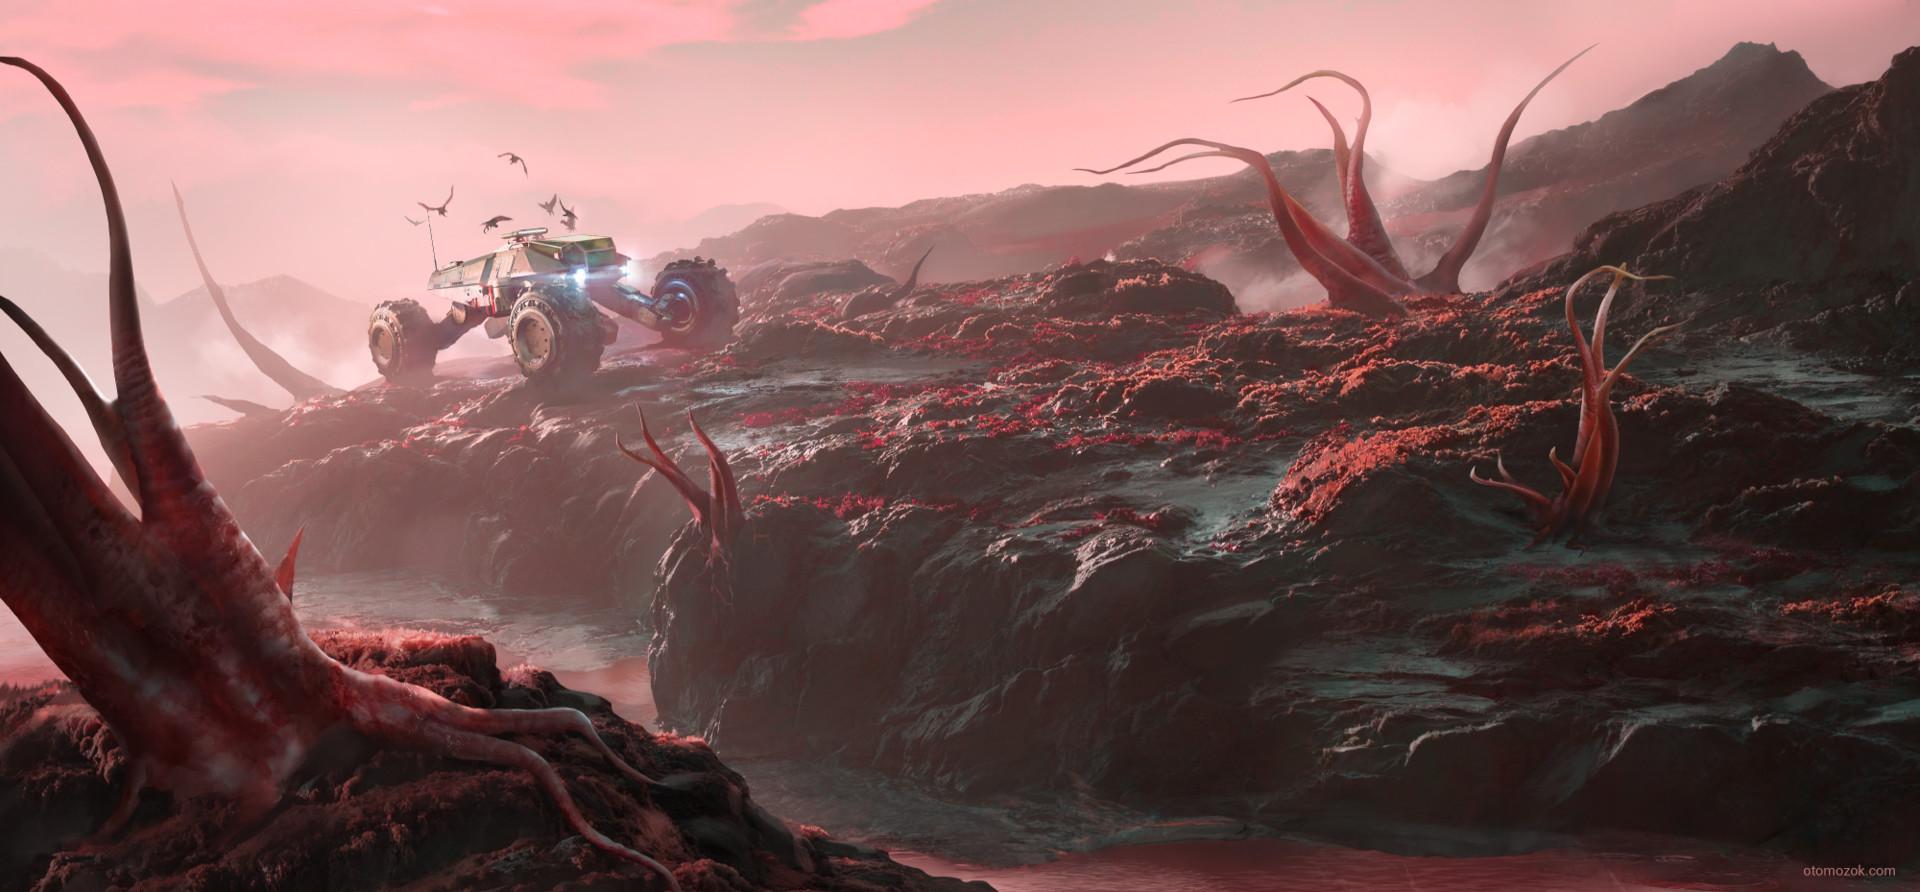 Arthur gurin planet 1315